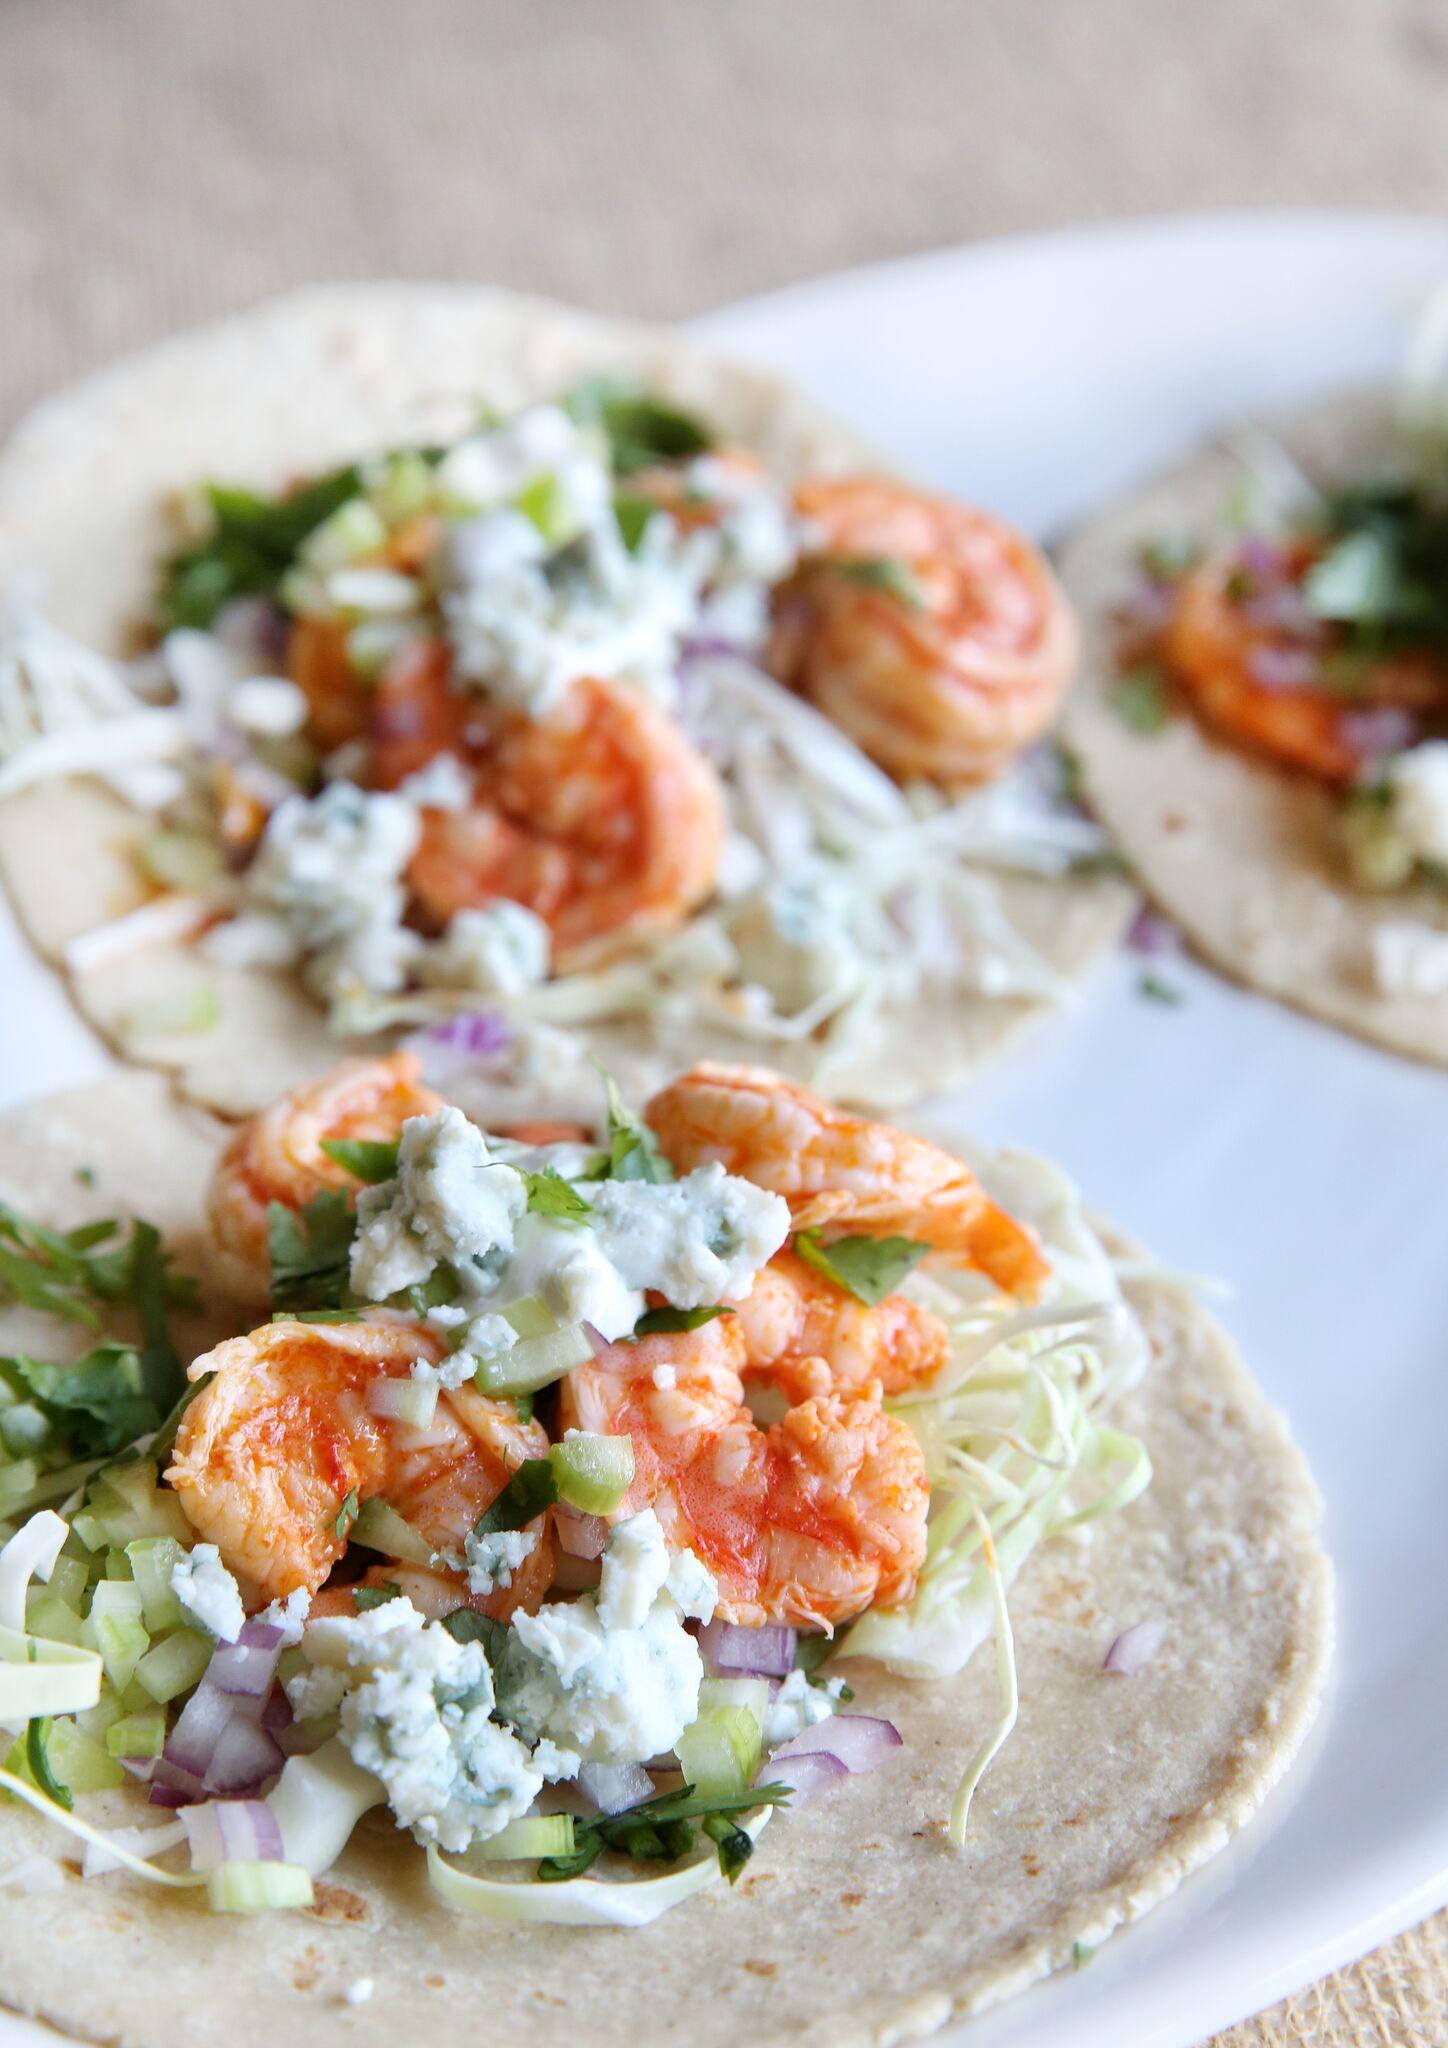 Best Buffalo Shrimp Tacos Recipe How To Make Buffalo Shrimp Tacos Delish Com